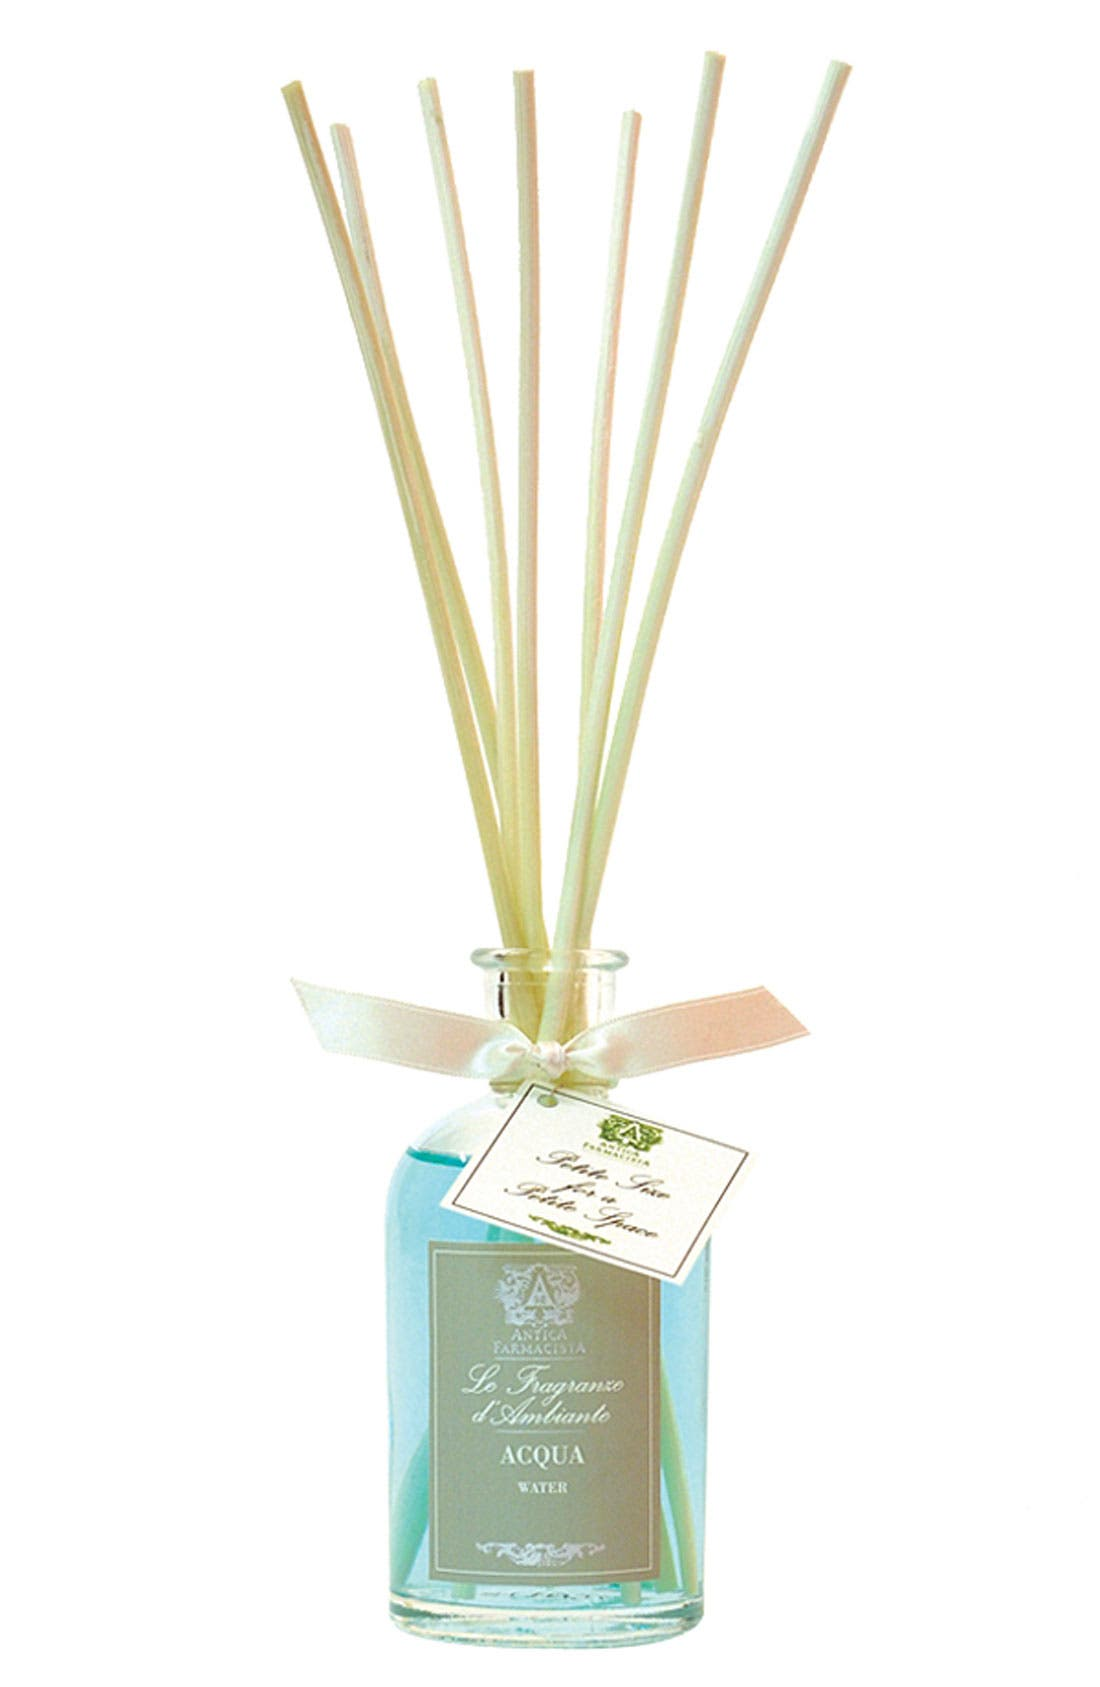 Antica Farmacista 'Acqua' Home Ambiance Perfume (3.3 oz.)